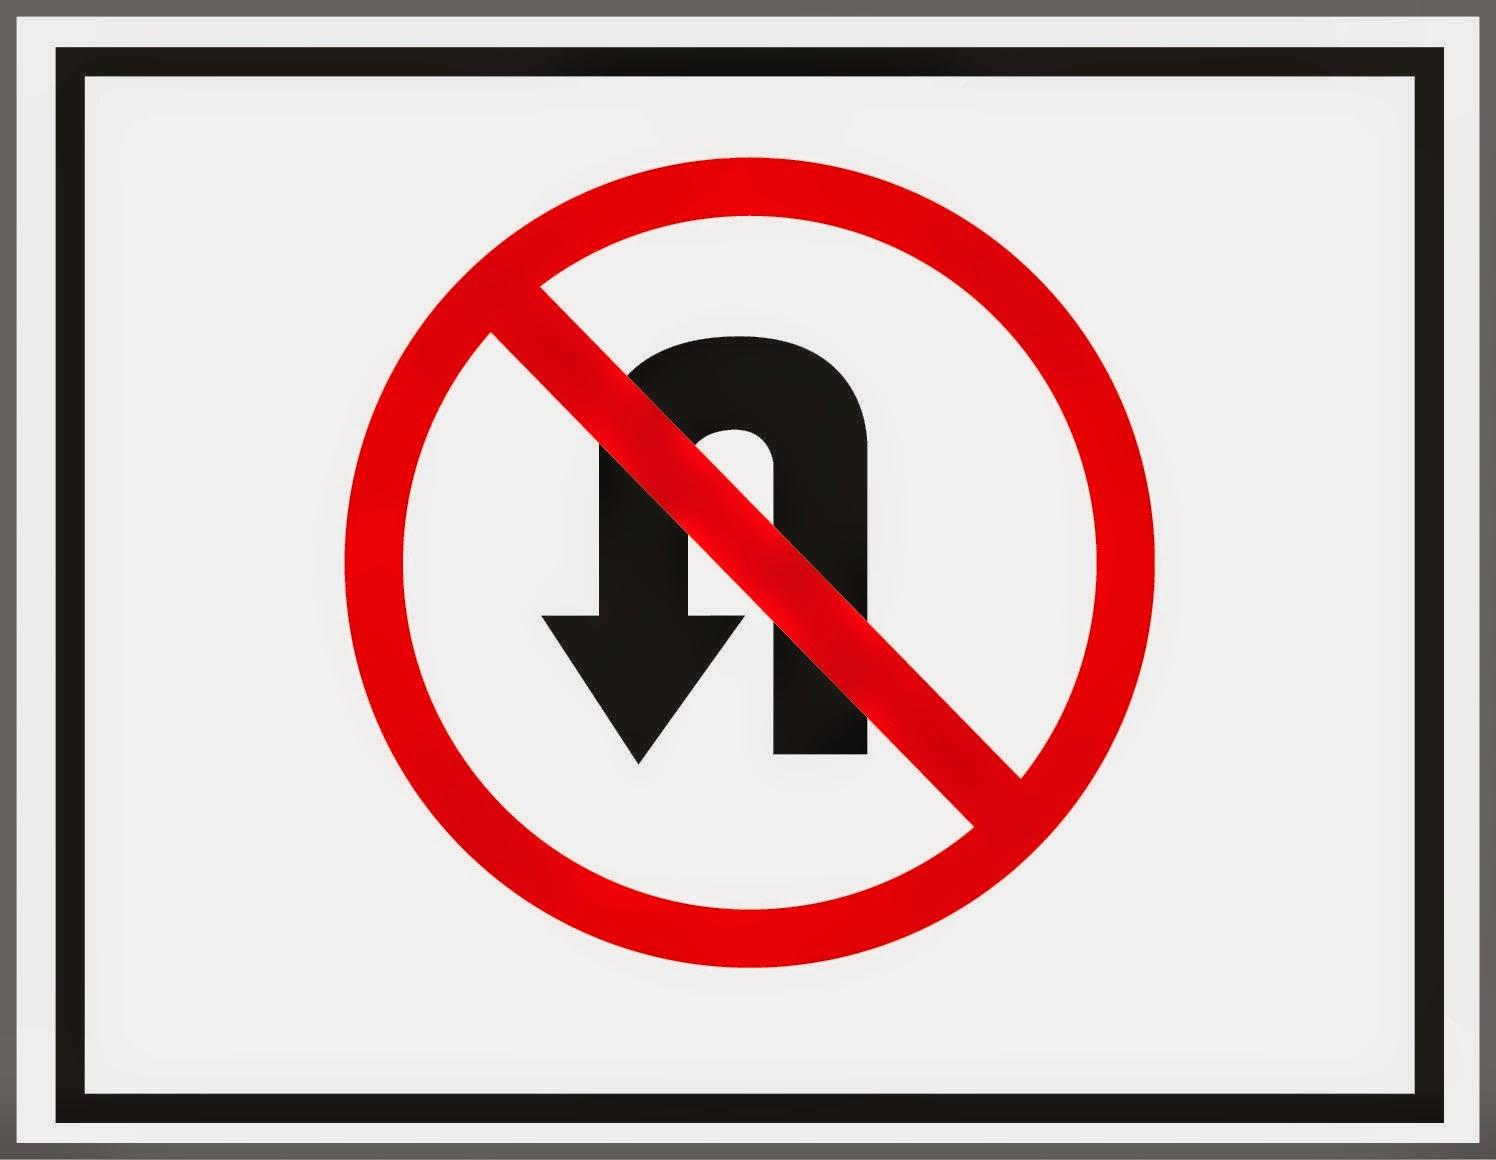 Sentencia contra la retroactividad de la anulaci n de las for Sentencia clausula suelo 2016